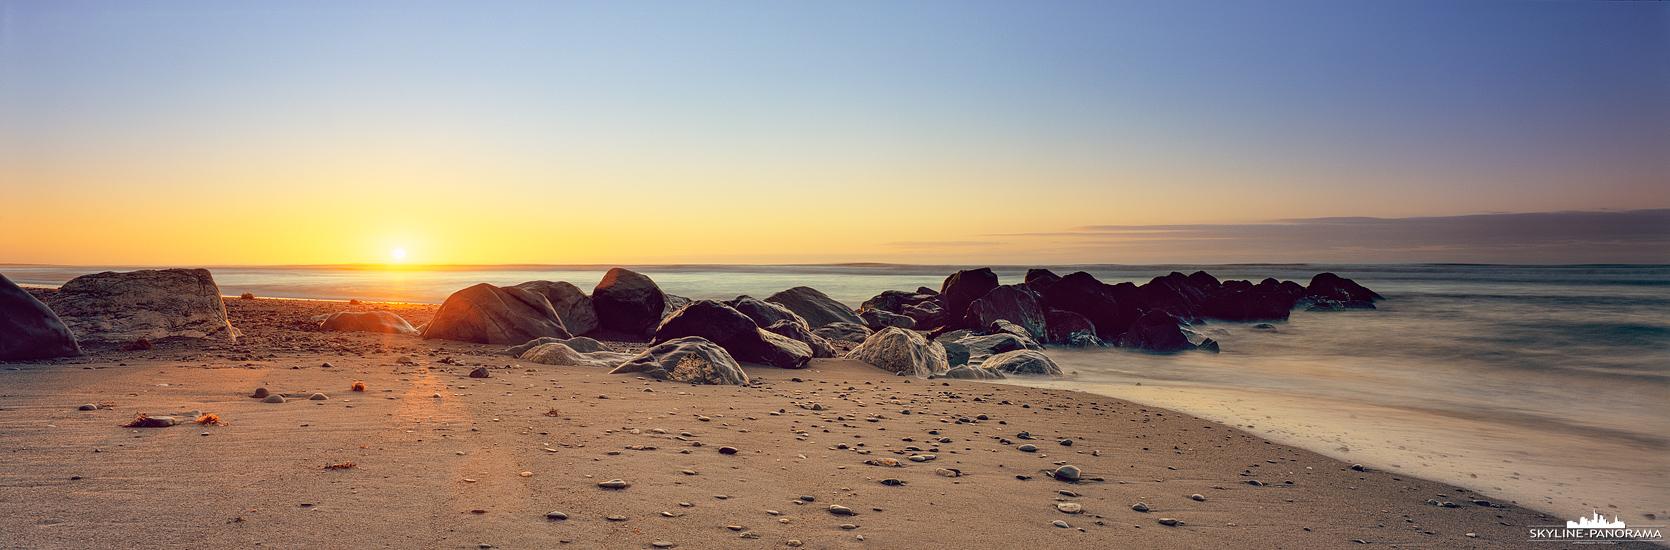 Zum Sonnenuntergang am Strand von Hokitika, einer kleinen Stadt an der Westküste von Neuseelands Südinsel. Die Sonne geht an dieser Stelle in der Tasmansee unter, die sich zwischen Neuseeland und Australien befindet.